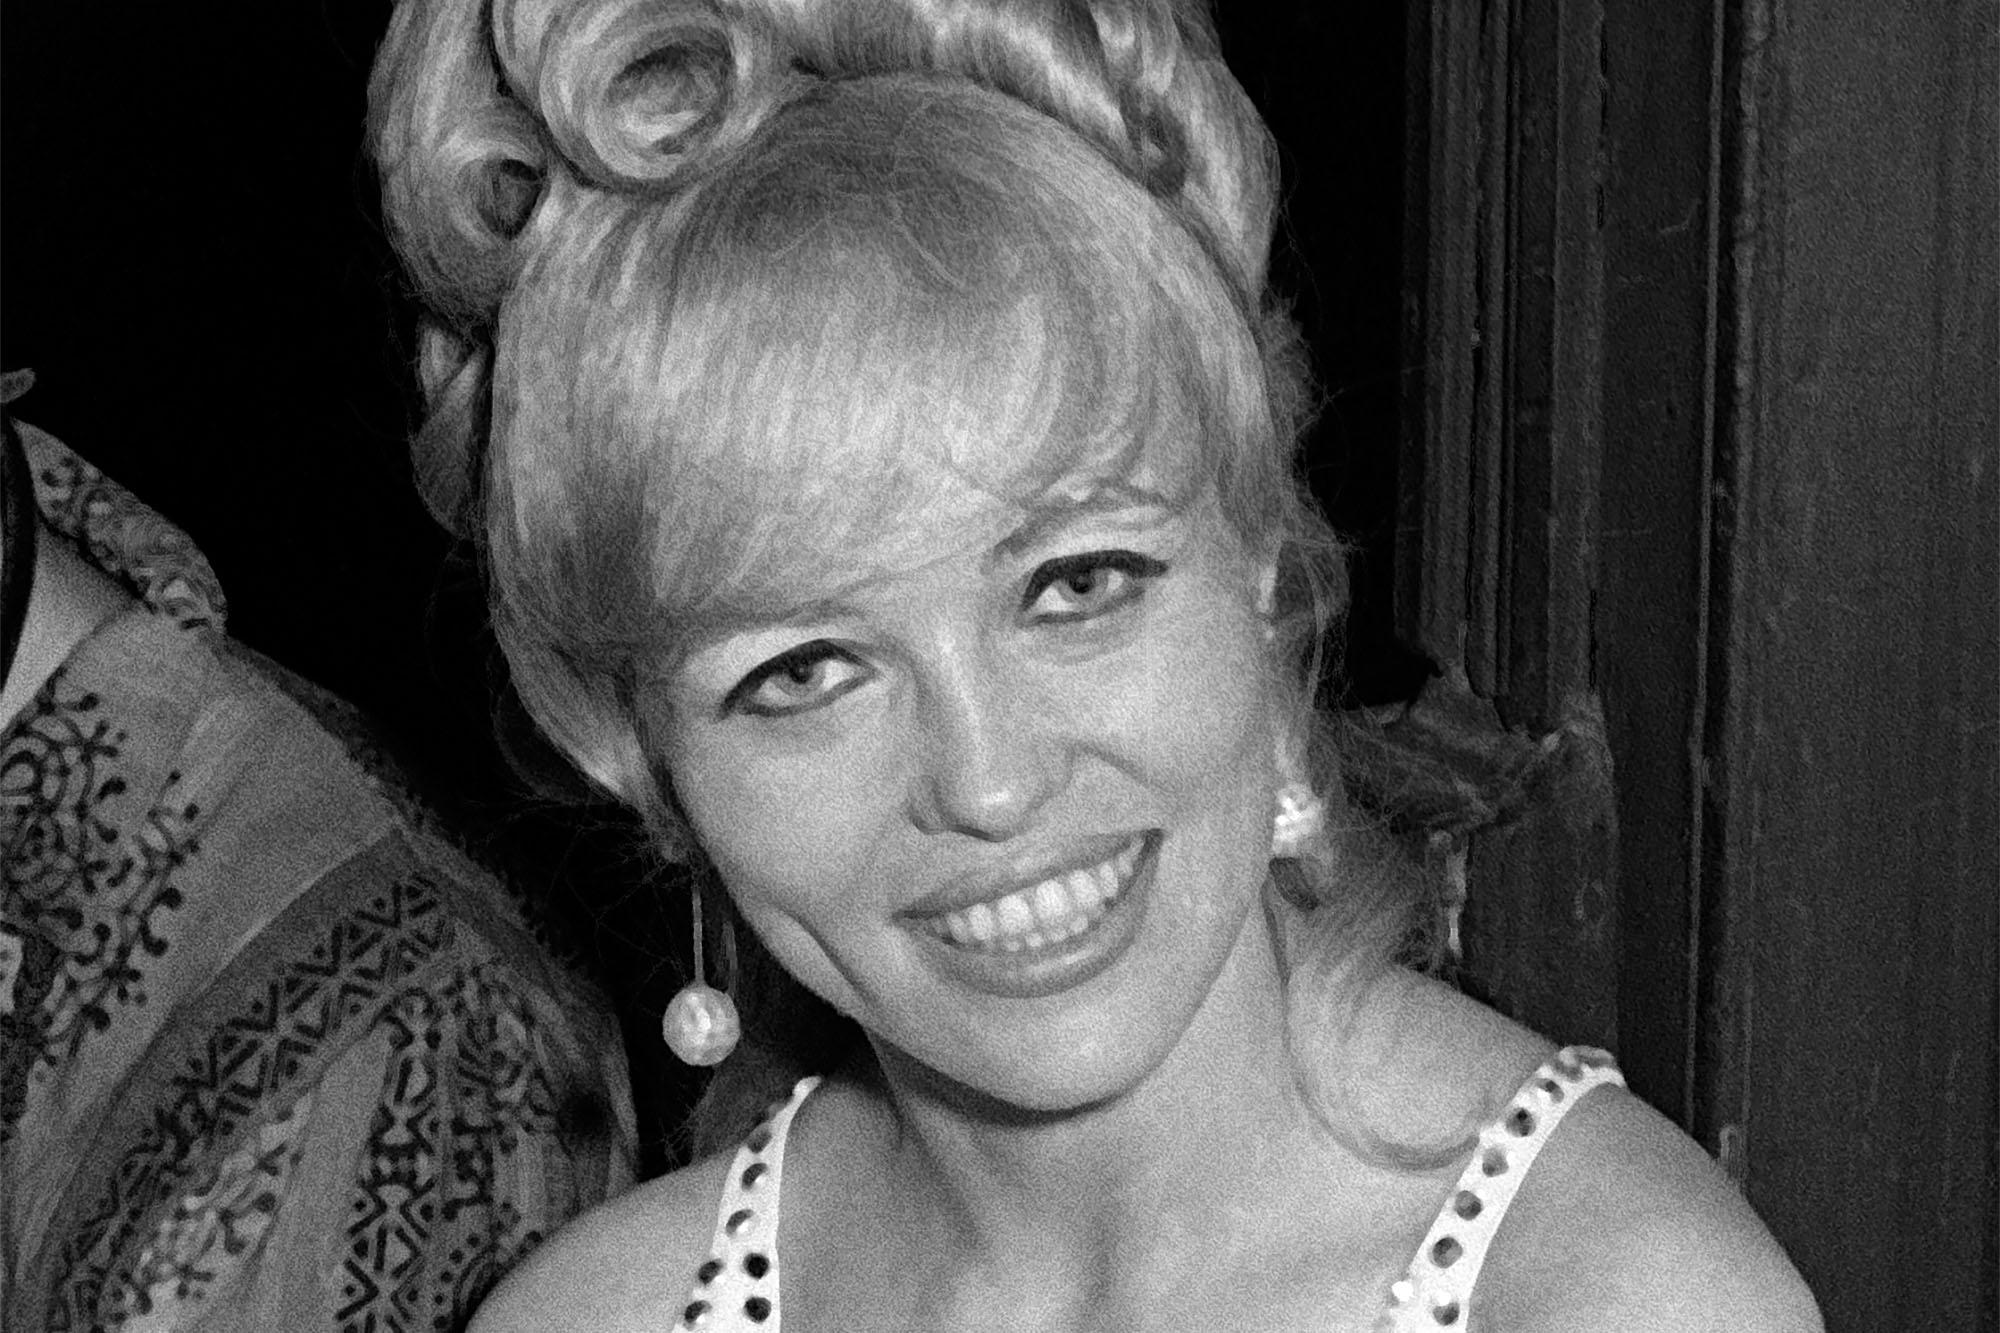 'Hair' star Lynn Kellogg dead at 77 of COVID-19